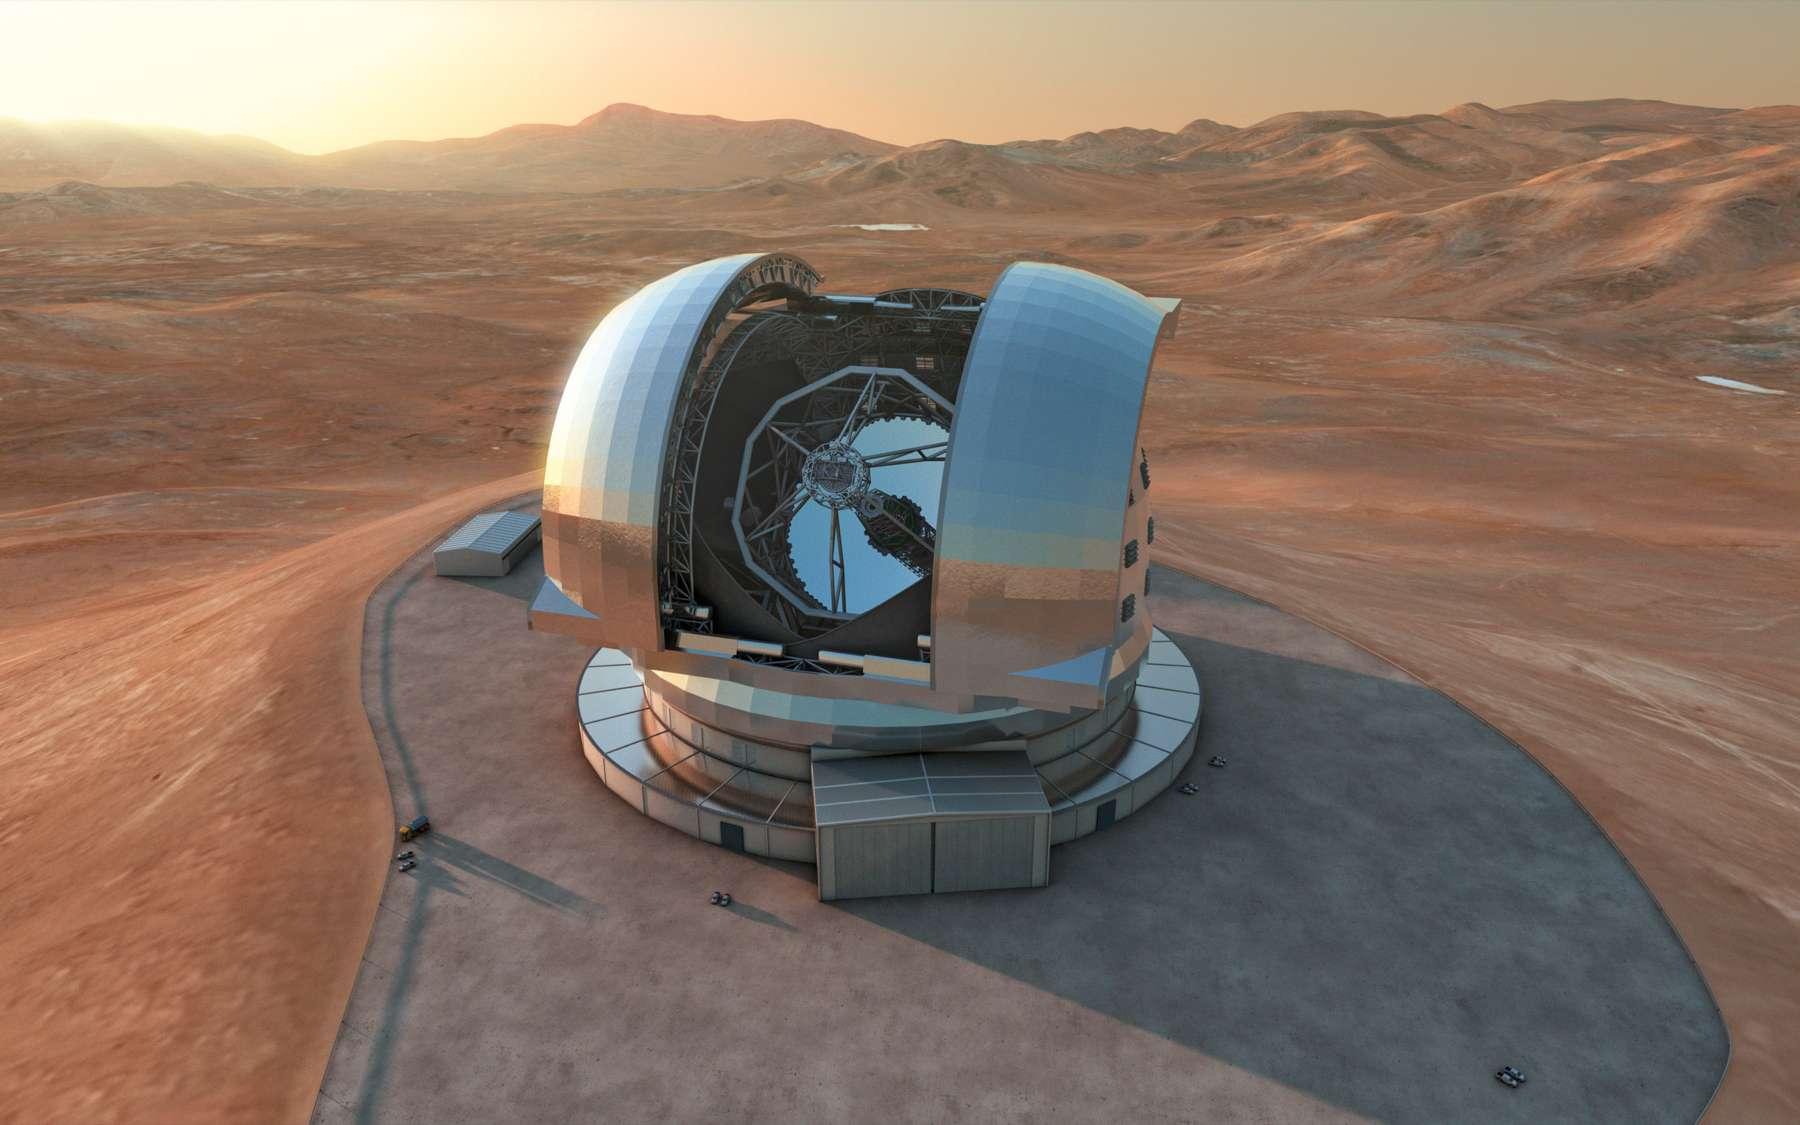 Après l'interférométrie au VLT, le réseau de radiotélescopes Alma (le plus grand projet astronomique en cours de réalisation) et en attendant l'E-ELT, l'Europe est amenée à jouer un rôle de leader dans l'astronomie au sol ces prochaines décennies. © ESO/L. Calçada